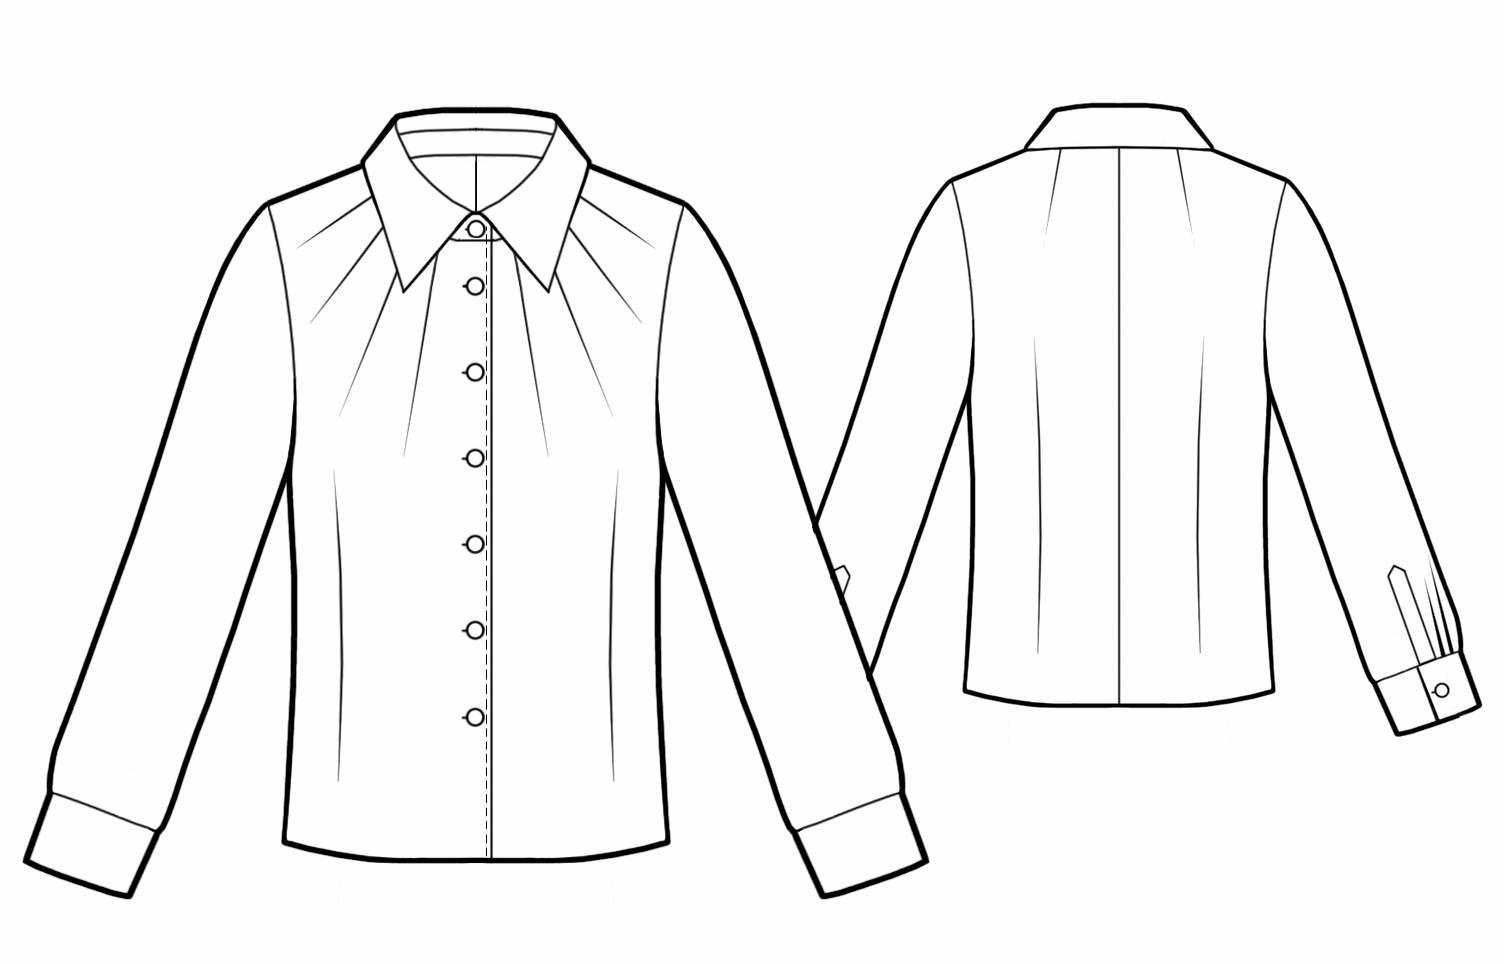 Блузка с вытачкой лучами - Выкройка #5762